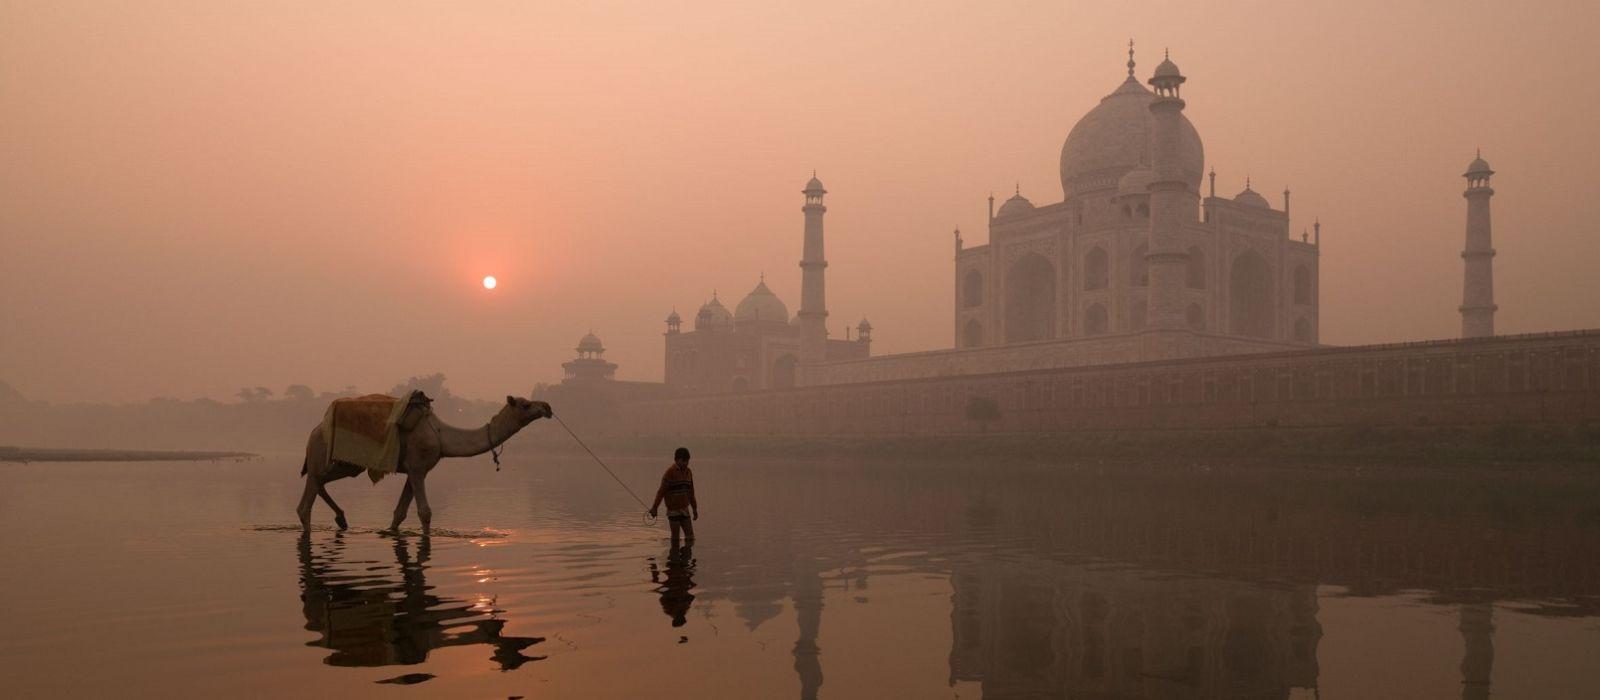 Das Fest der Lichter: Diwali in Indien Urlaub 2